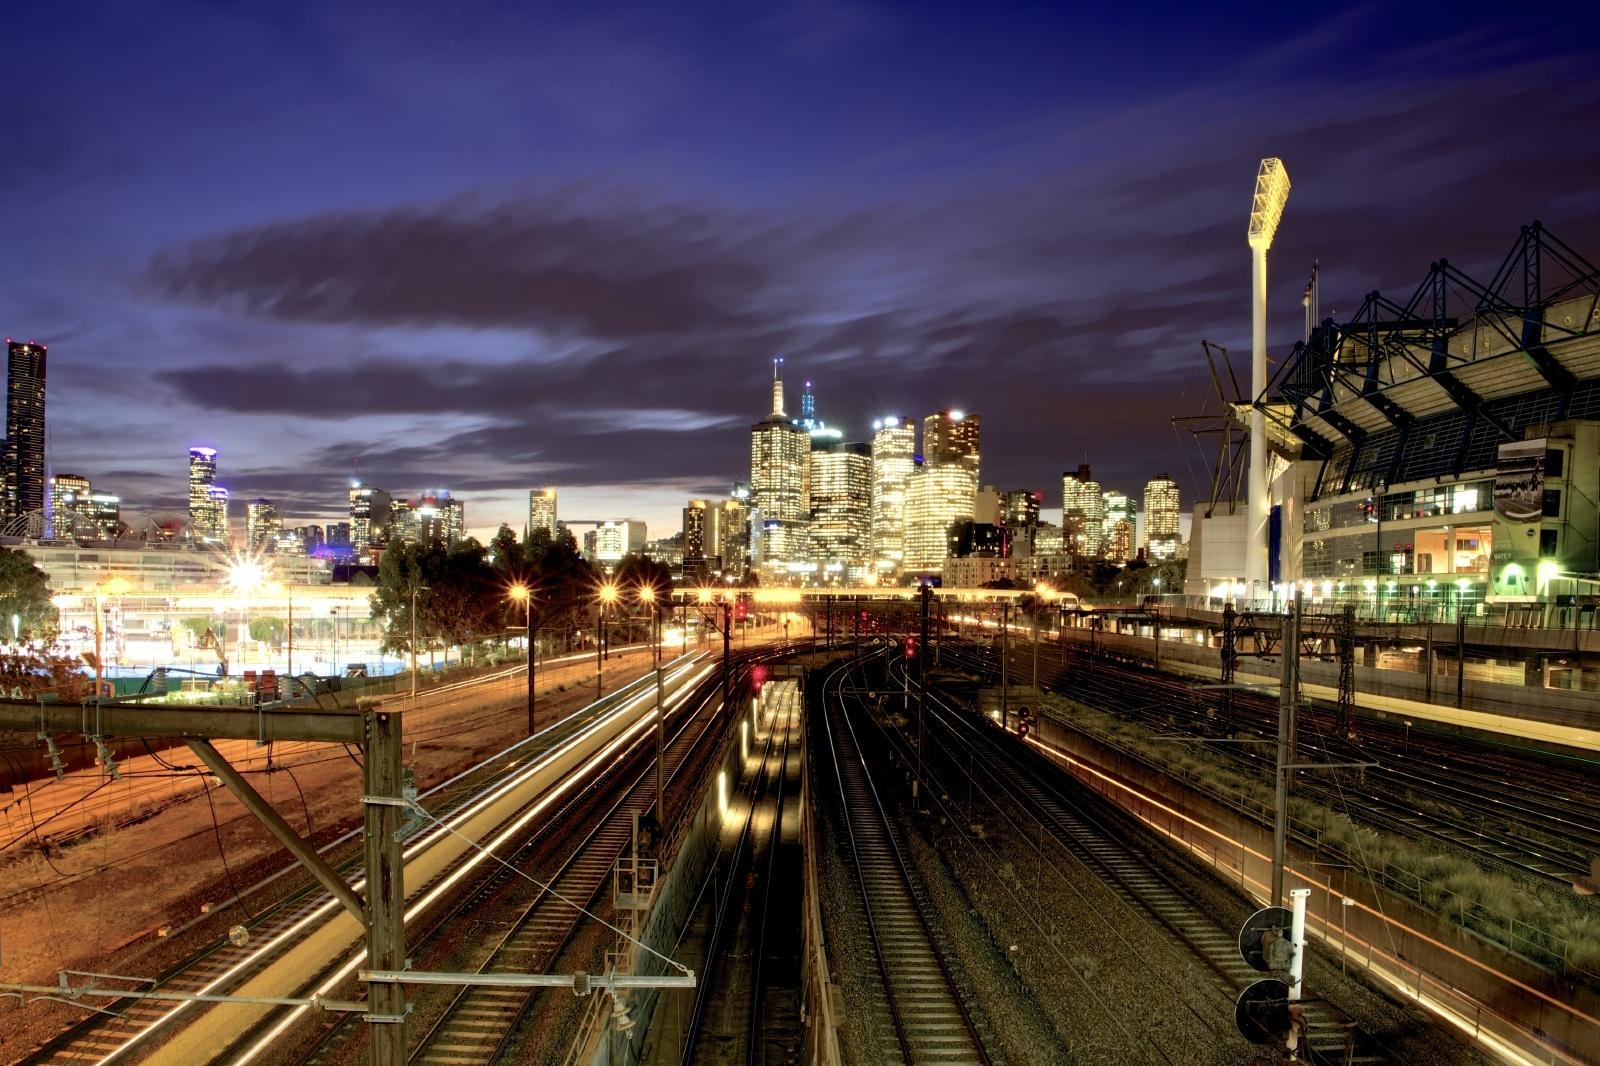 夕暮れのメルボルンの鉄道風景 オーストラリアの鉄道風景